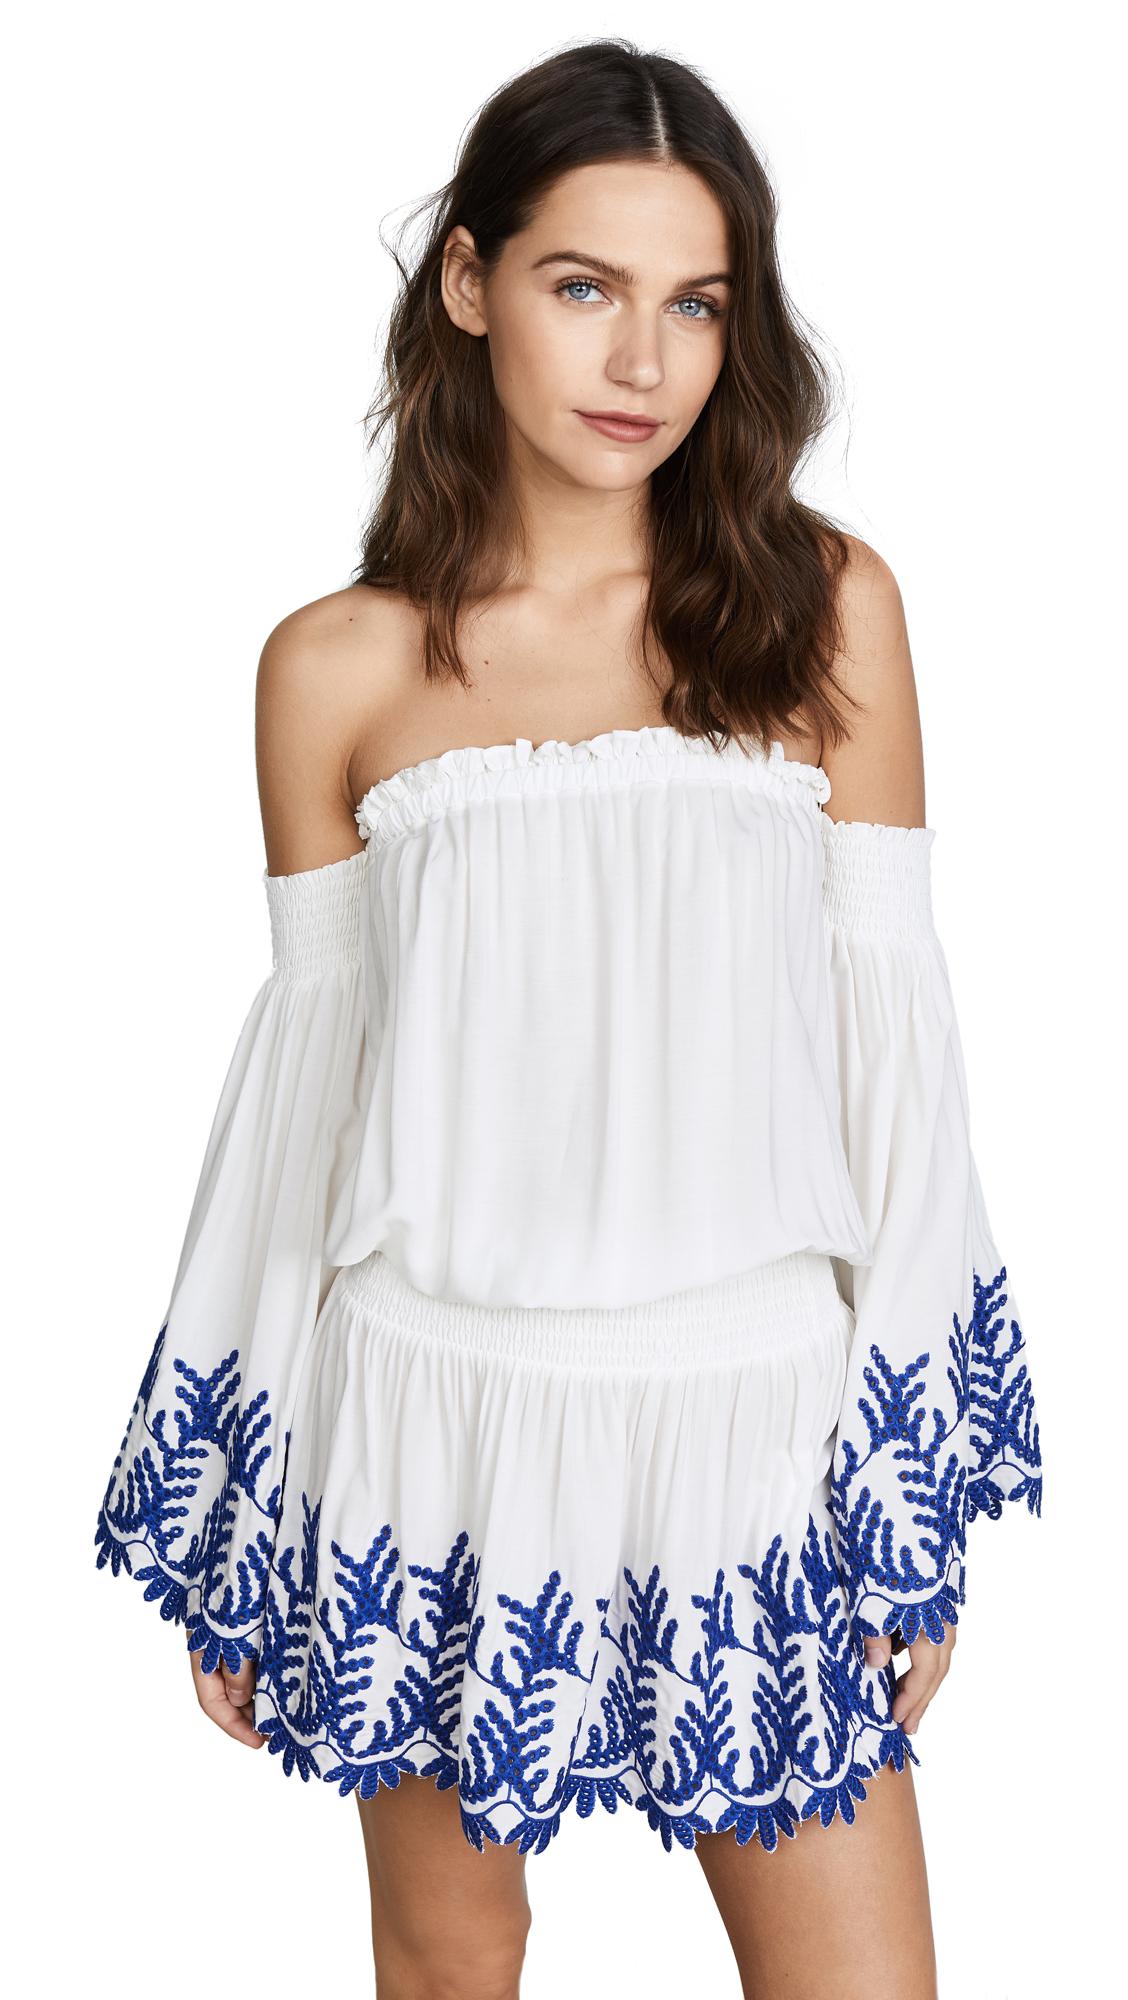 Ramy Brook Zena Dress